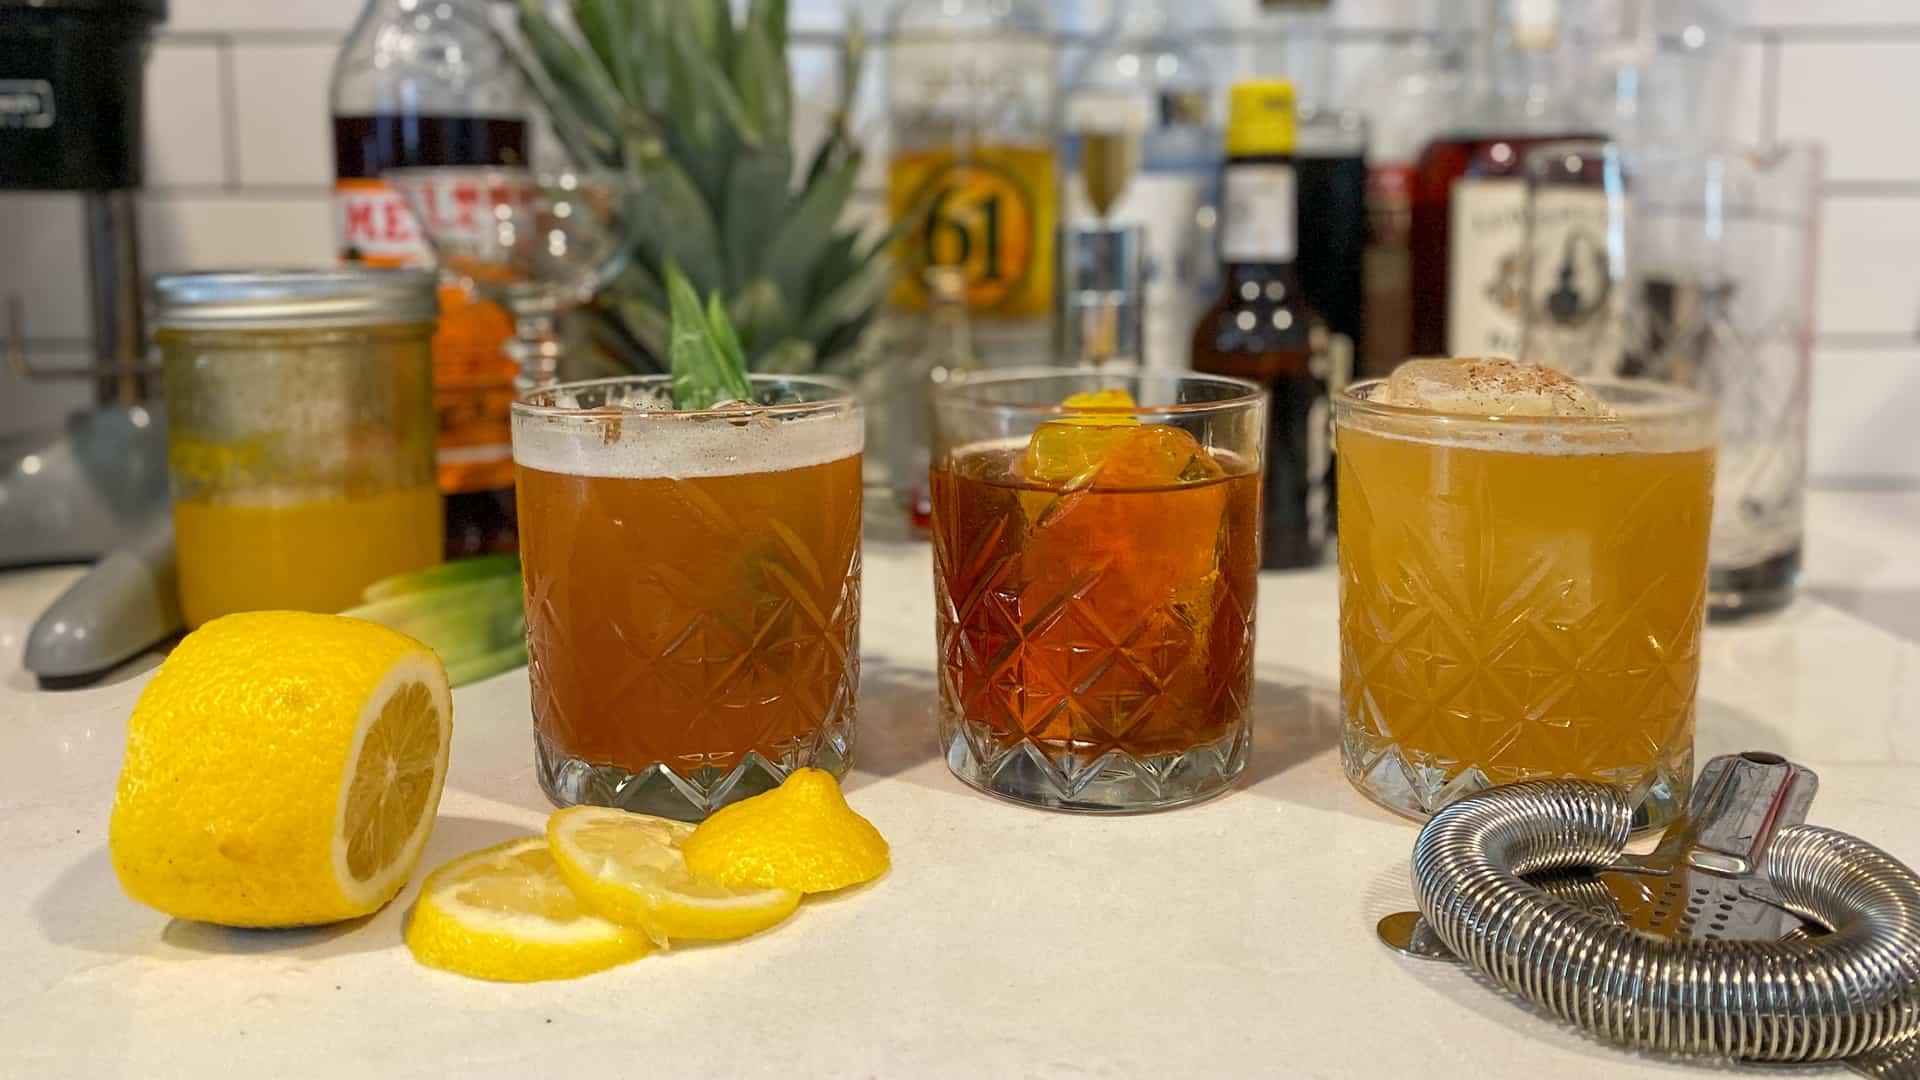 slide1 - Amendment XVIII Cocktail Club